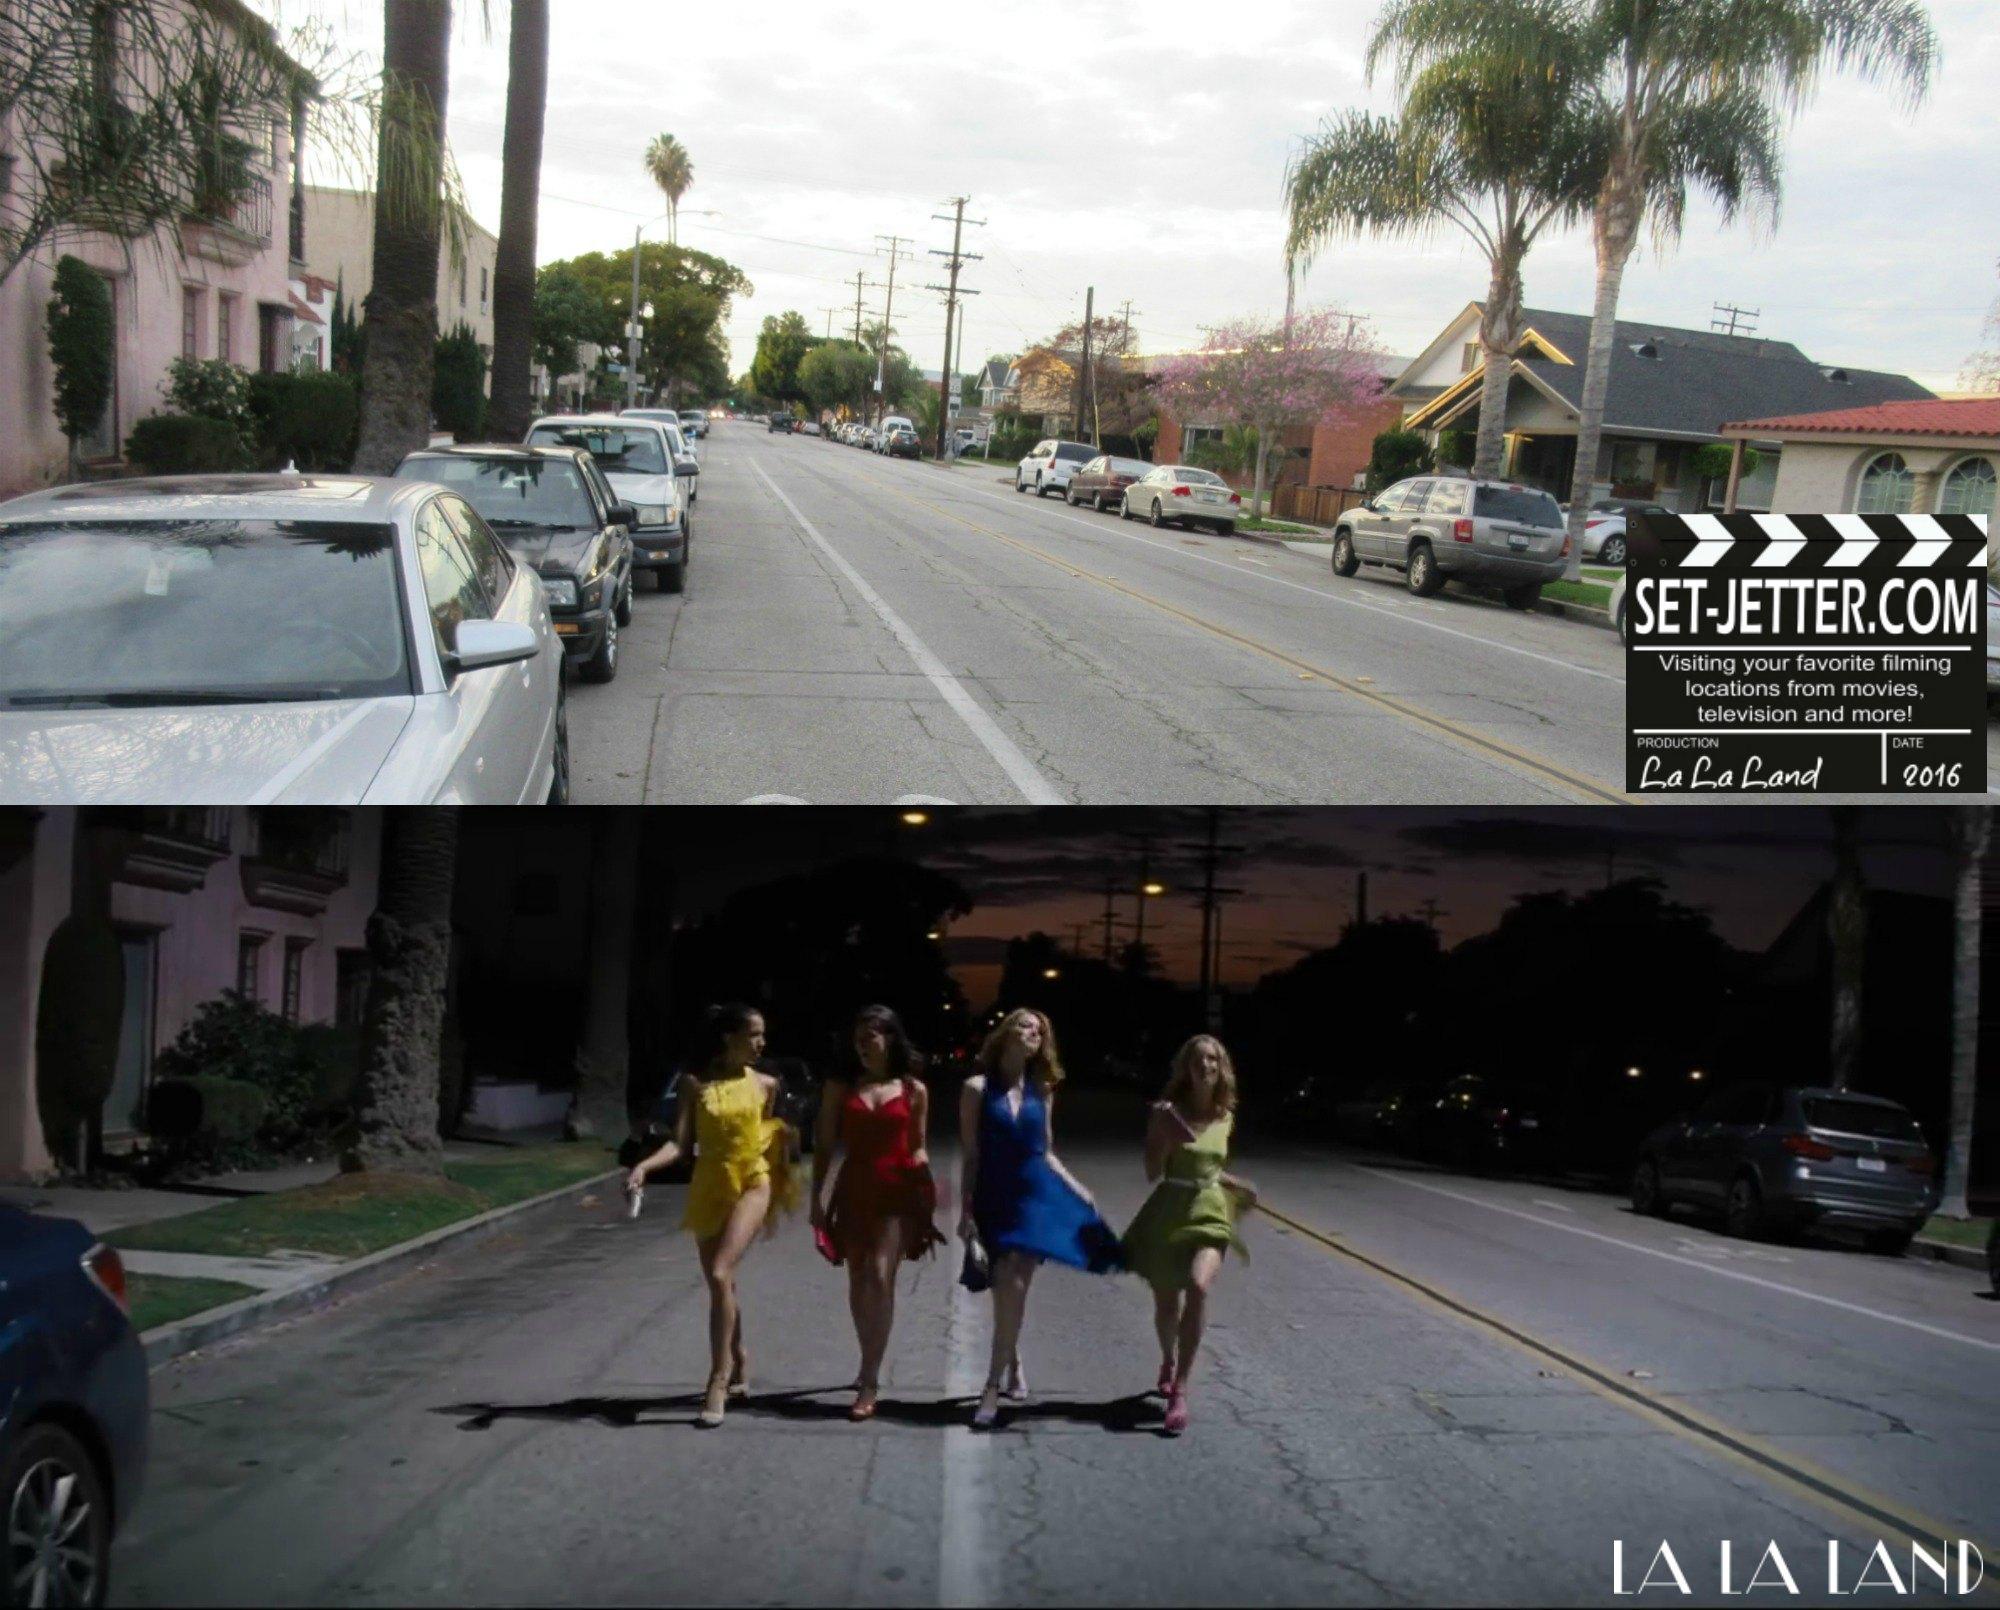 La La Land comparison 63.jpg